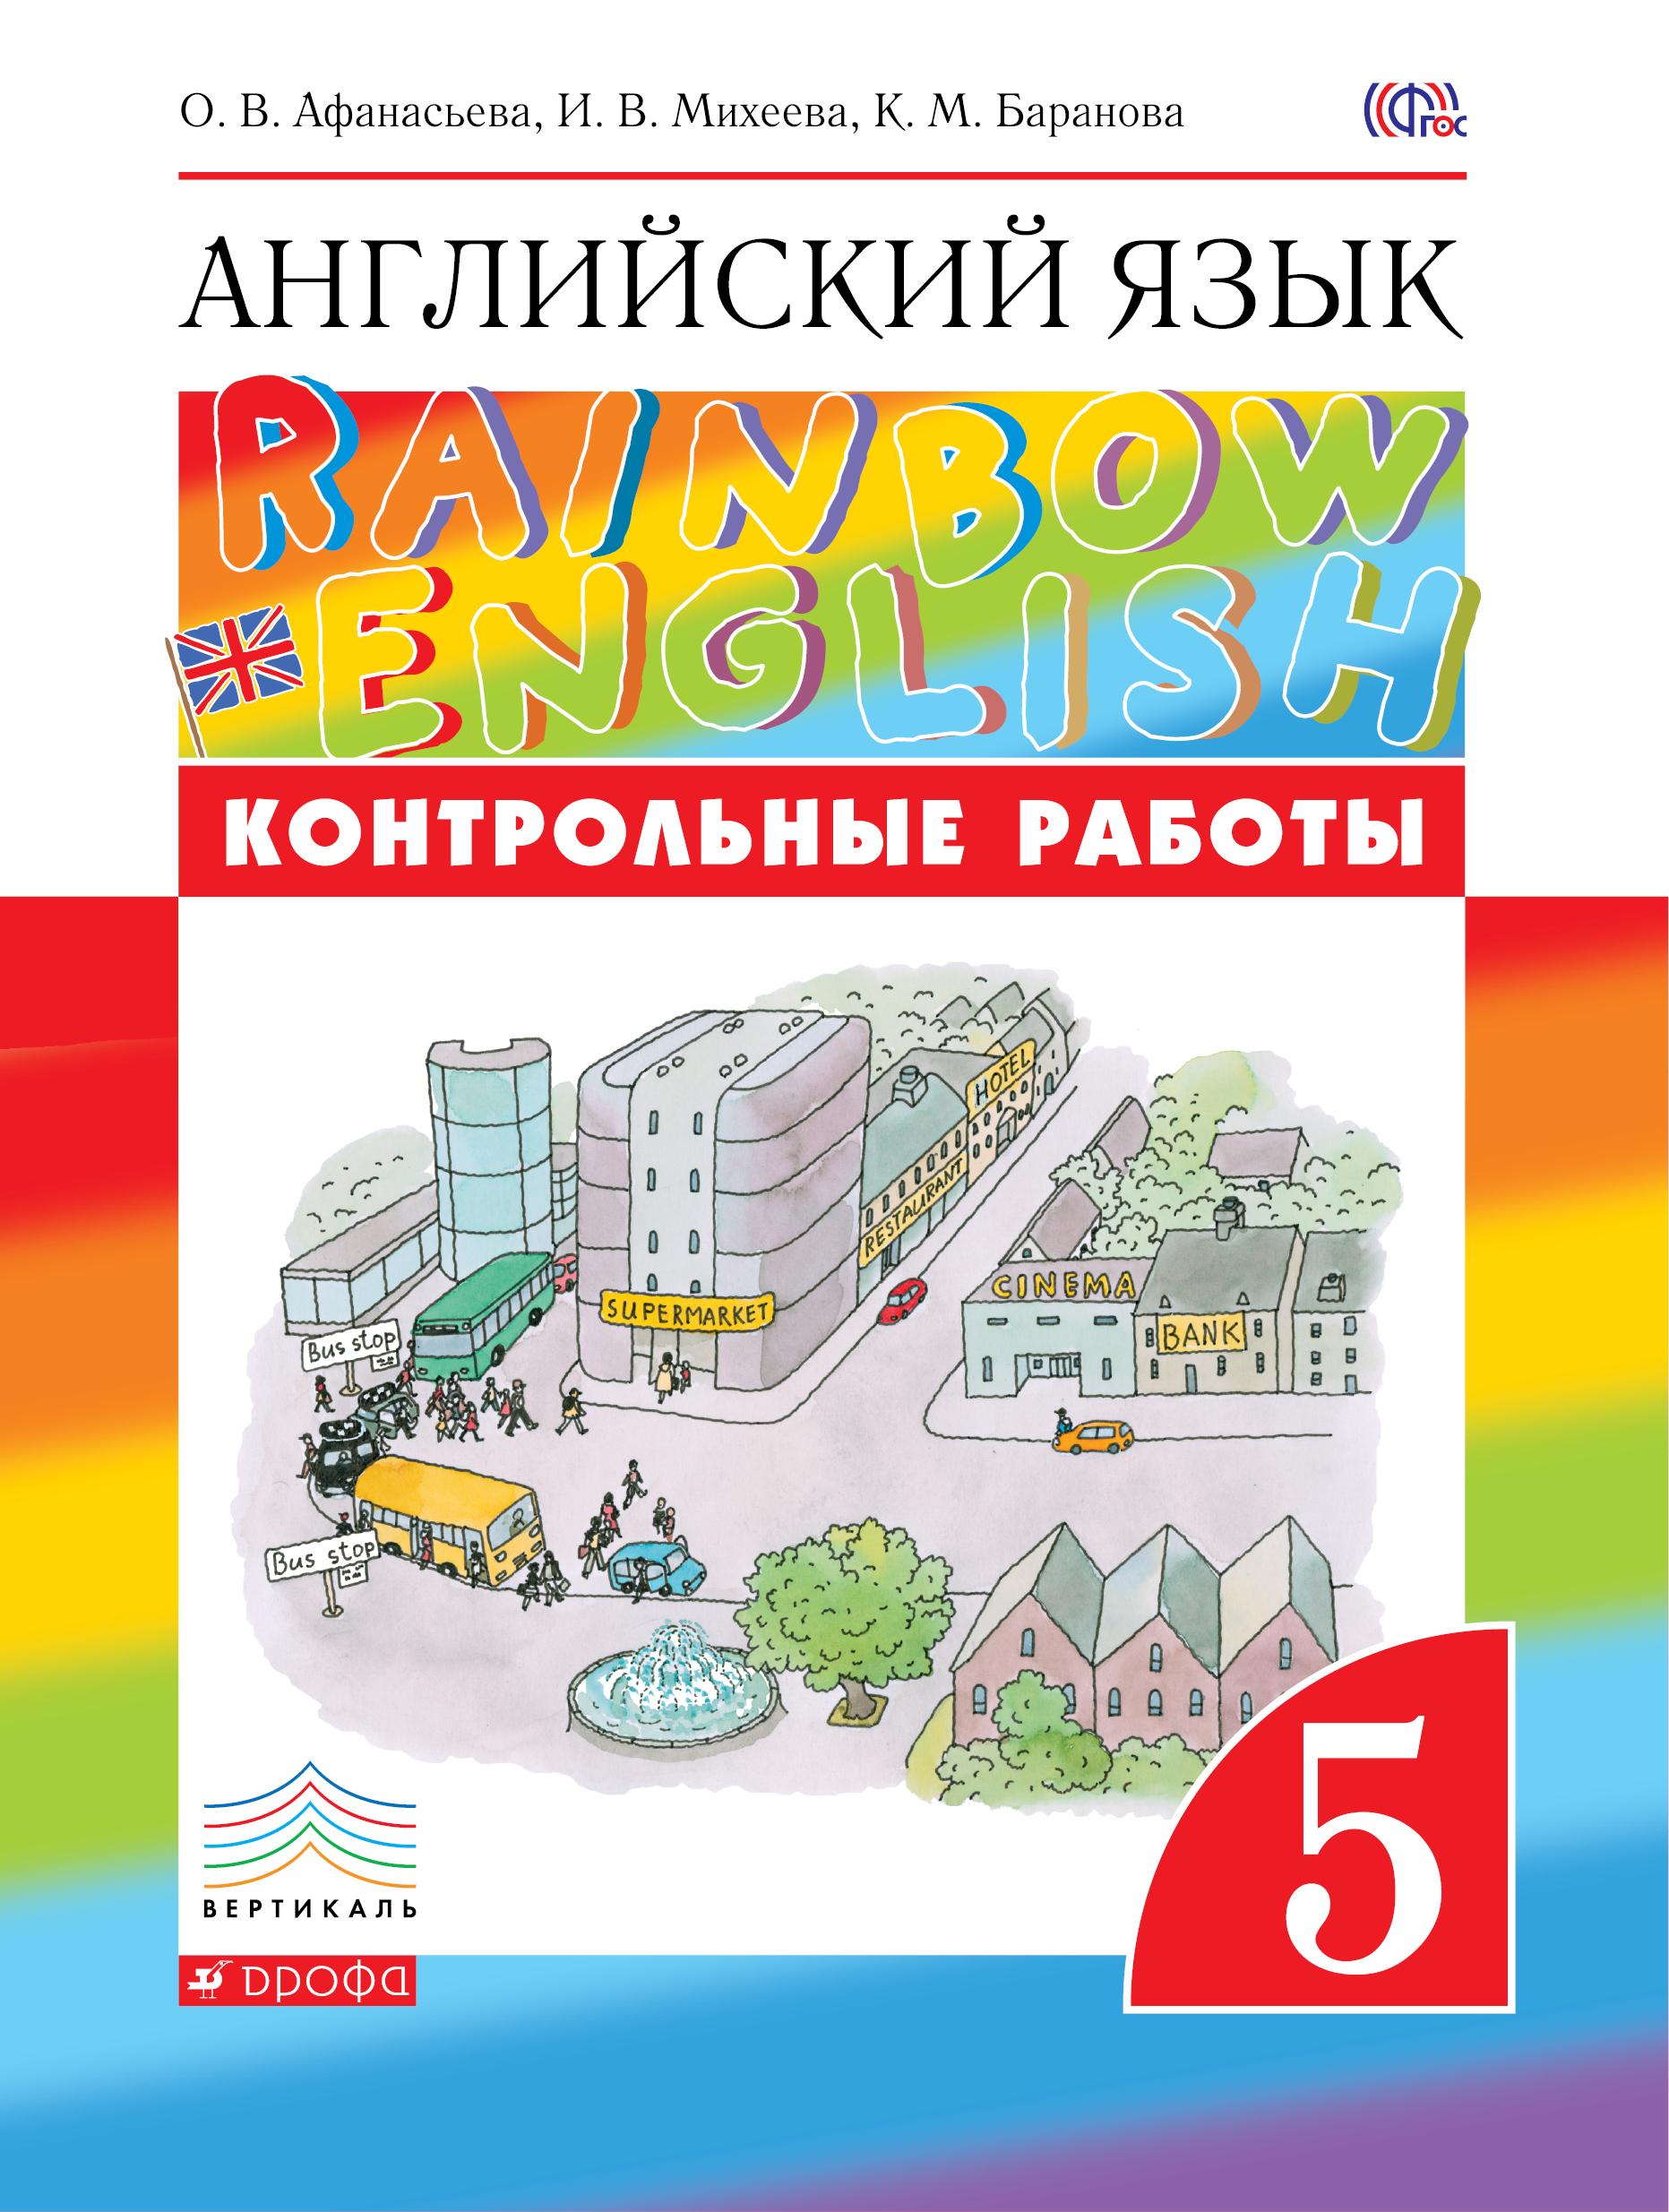 Контрольные работы к учебнику по английскому языку Rainbow English. 5 класс. Английский язык. 5 класс. Контрольные работы.